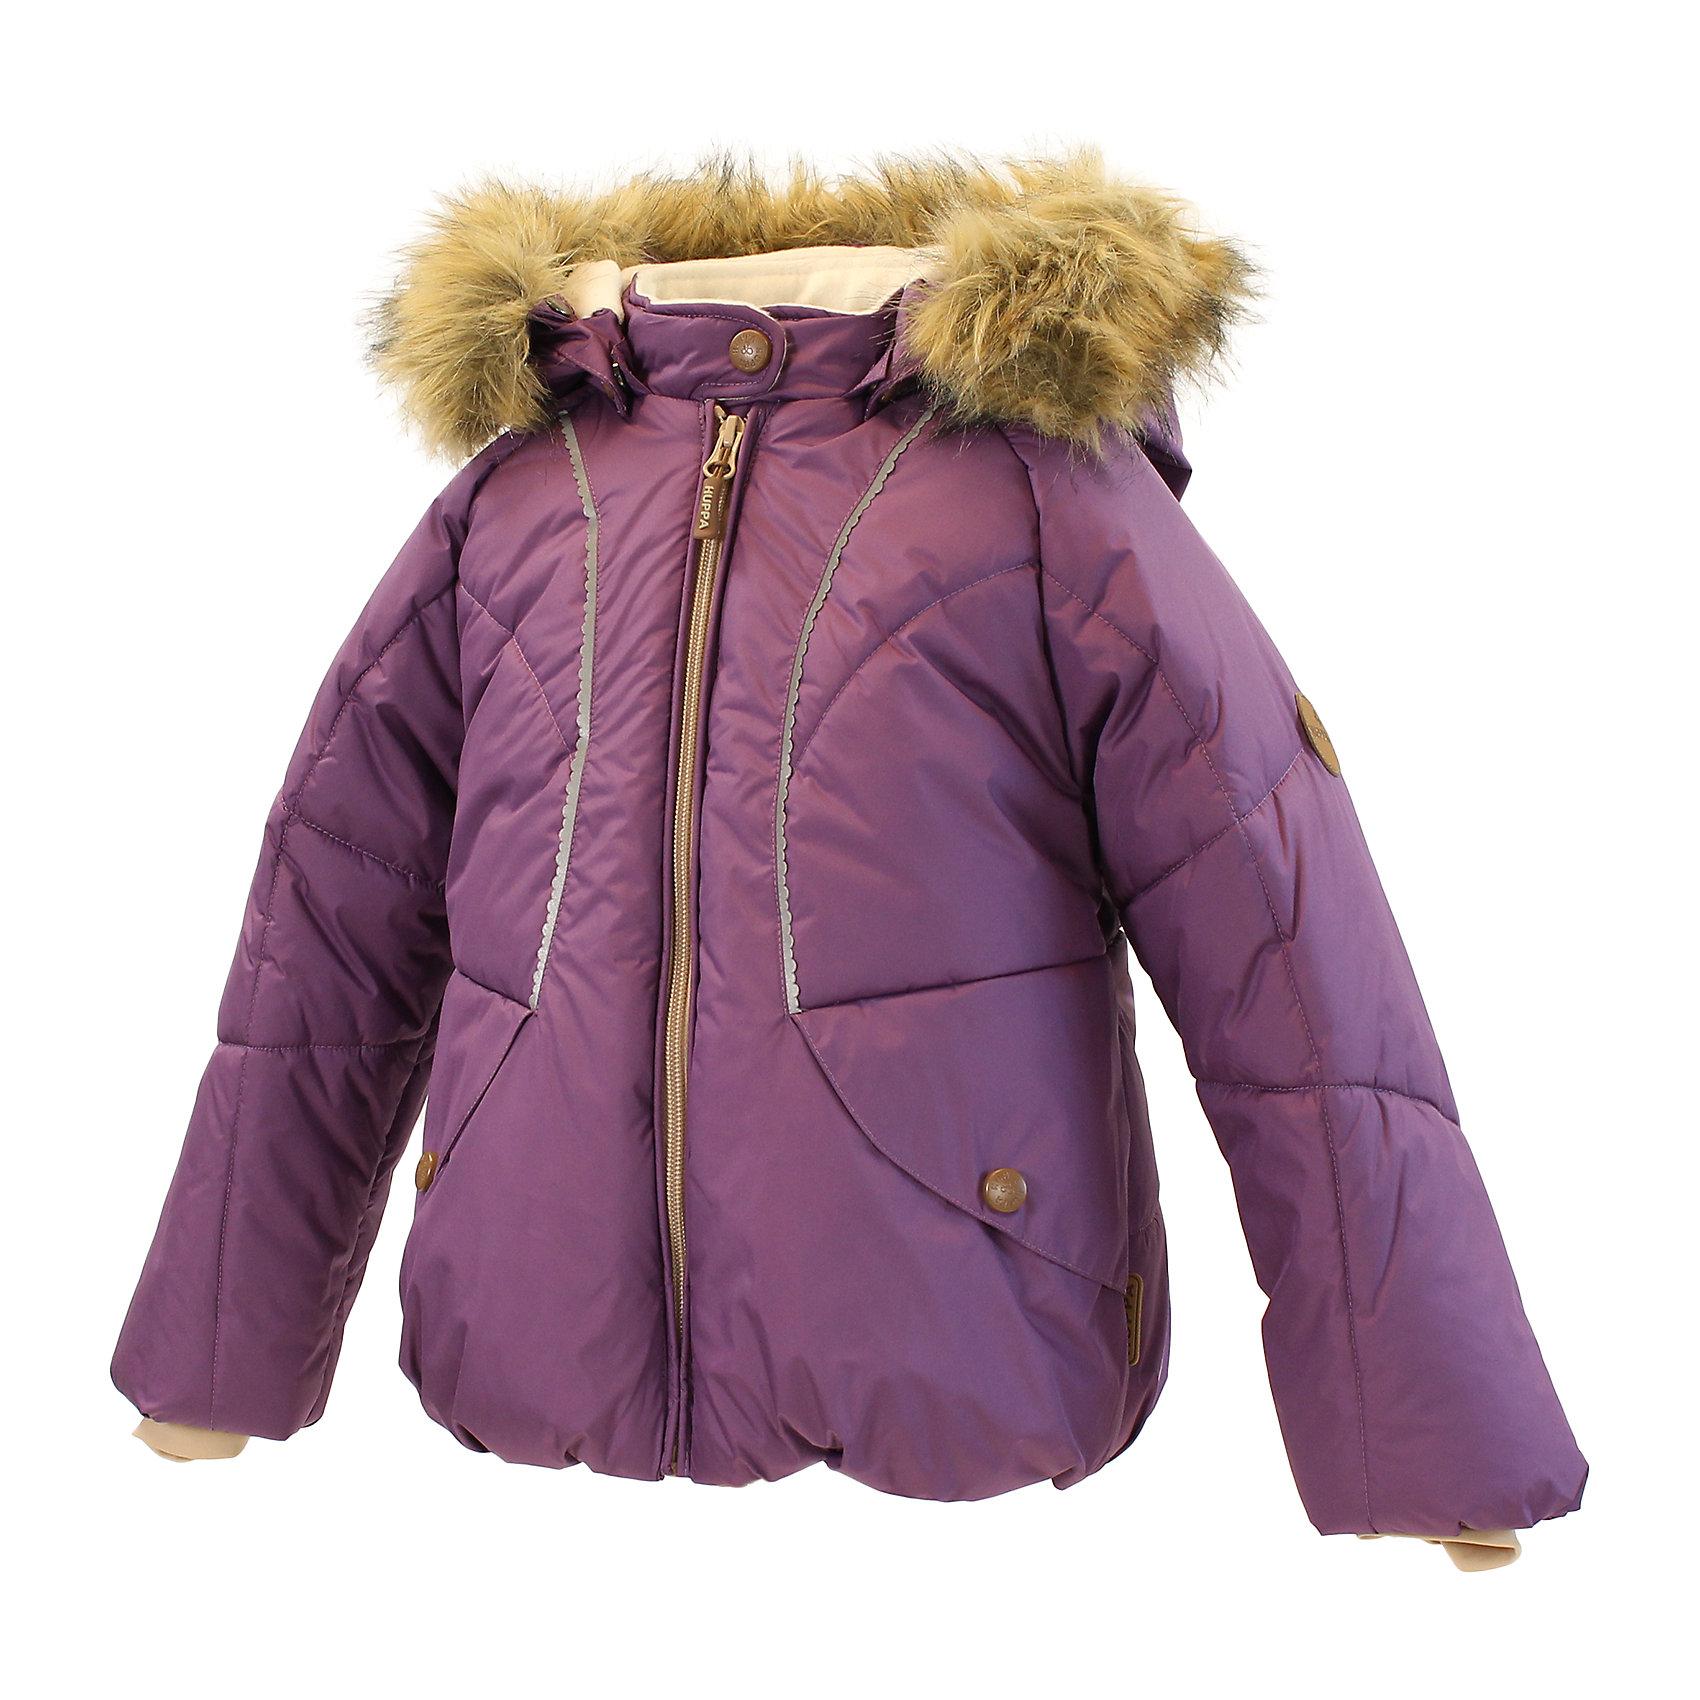 """Куртка для девочки HuppaСтеганая куртка из мягкой ткани с приятно толстым ватином для зимних прогулок маленьких принцесс. Подкладкой для красивой куртки служит """"Coral-fleece"""" в районе тела и подкладка из тафты в рукавах для облегчения прохождения рук. Капюшон с двумя помпонами и съемным мехом защитит от холодного ветра, резинка на рукаве - от снега, а красивые отражатели в форме цветка значительно повышают безопасность при передвижении в более темное время суток. В закрывающиеся на кнопки карманы маленькая принцесса может спрятать самые важные сокровища. <br>Huppa (Хуппа)Therm 300 грамм<br>Высокотехнологичный лёгкий синтетический утеплитель нового поколения, сохраняет объём и высокую теплоизоляцию изделия, а также легко стирается и быстро сохнет.<br>Влагоустойчивая и дышащая ткань 5000/ 5000<br>Мембрана препятствует прохождению воды и ветра сквозь ткань внутрь изделия, позволяя испаряться выделяемой телом, образовывающейся внутри влаге.<br>Светоотражательные детали<br>При плохих погодных условиях или в темноте, когда свет падает на одежду, он отражается, делая ребёнка более заметным, уменьшая возможность несчастных случаев.<br><br>Дополнительная информация:<br><br>Температурный режим: от 0° до -25°С<br>Ткань: 100% полиэстер<br>Подкладка: Coral-fleece смесь хлопка и полиэстра, тафта - 100% полиэстер<br>Утеплитель: 100% полиэстер 300г.<br>Капюшон с отстёгивающимся мехом<br><br>Куртку для девочки Huppa (Хуппа) можно купить в нашем магазине.<br><br>Ширина мм: 356<br>Глубина мм: 10<br>Высота мм: 245<br>Вес г: 519<br>Цвет: фиолетовый<br>Возраст от месяцев: 12<br>Возраст до месяцев: 15<br>Пол: Женский<br>Возраст: Детский<br>Размер: 80,92,86,98,104<br>SKU: 4242208"""